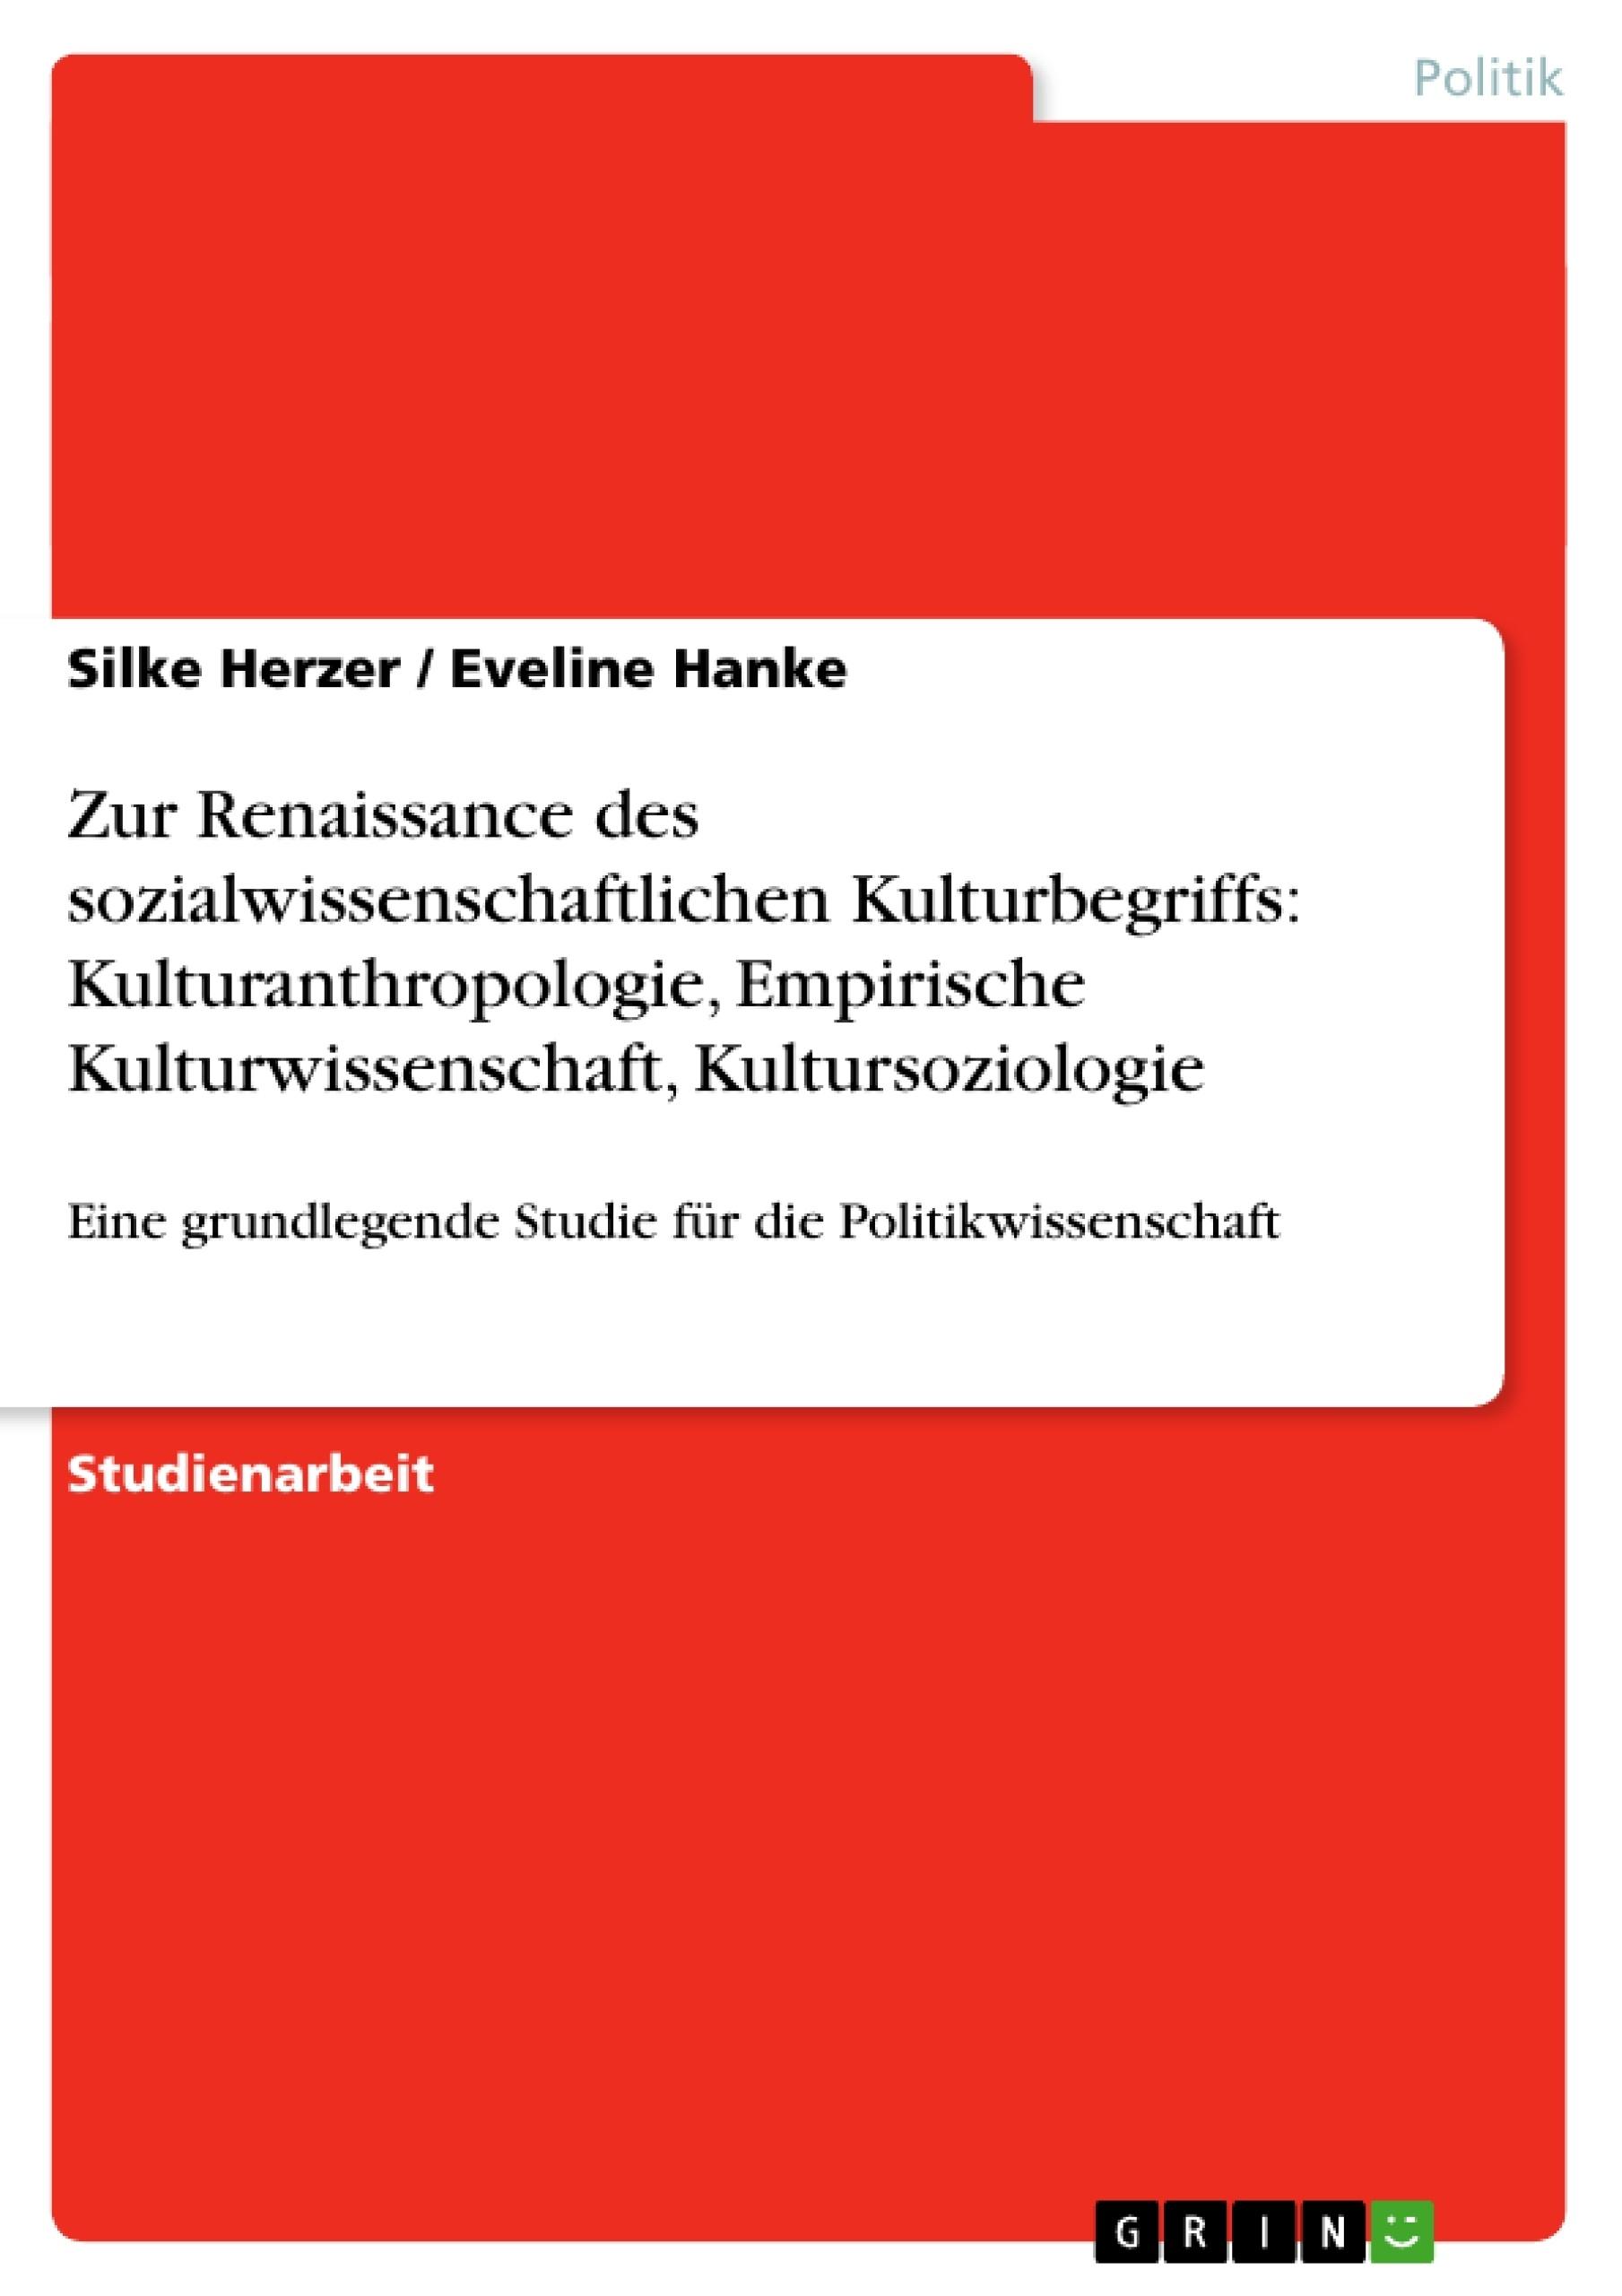 Titel: Zur Renaissance des sozialwissenschaftlichen Kulturbegriffs: Kulturanthropologie, Empirische Kulturwissenschaft, Kultursoziologie